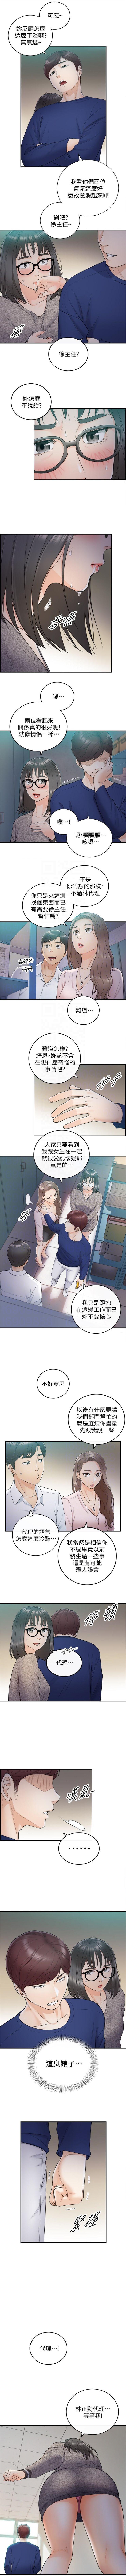 (週5)正妹小主管 1-39 中文翻譯(更新中) 73